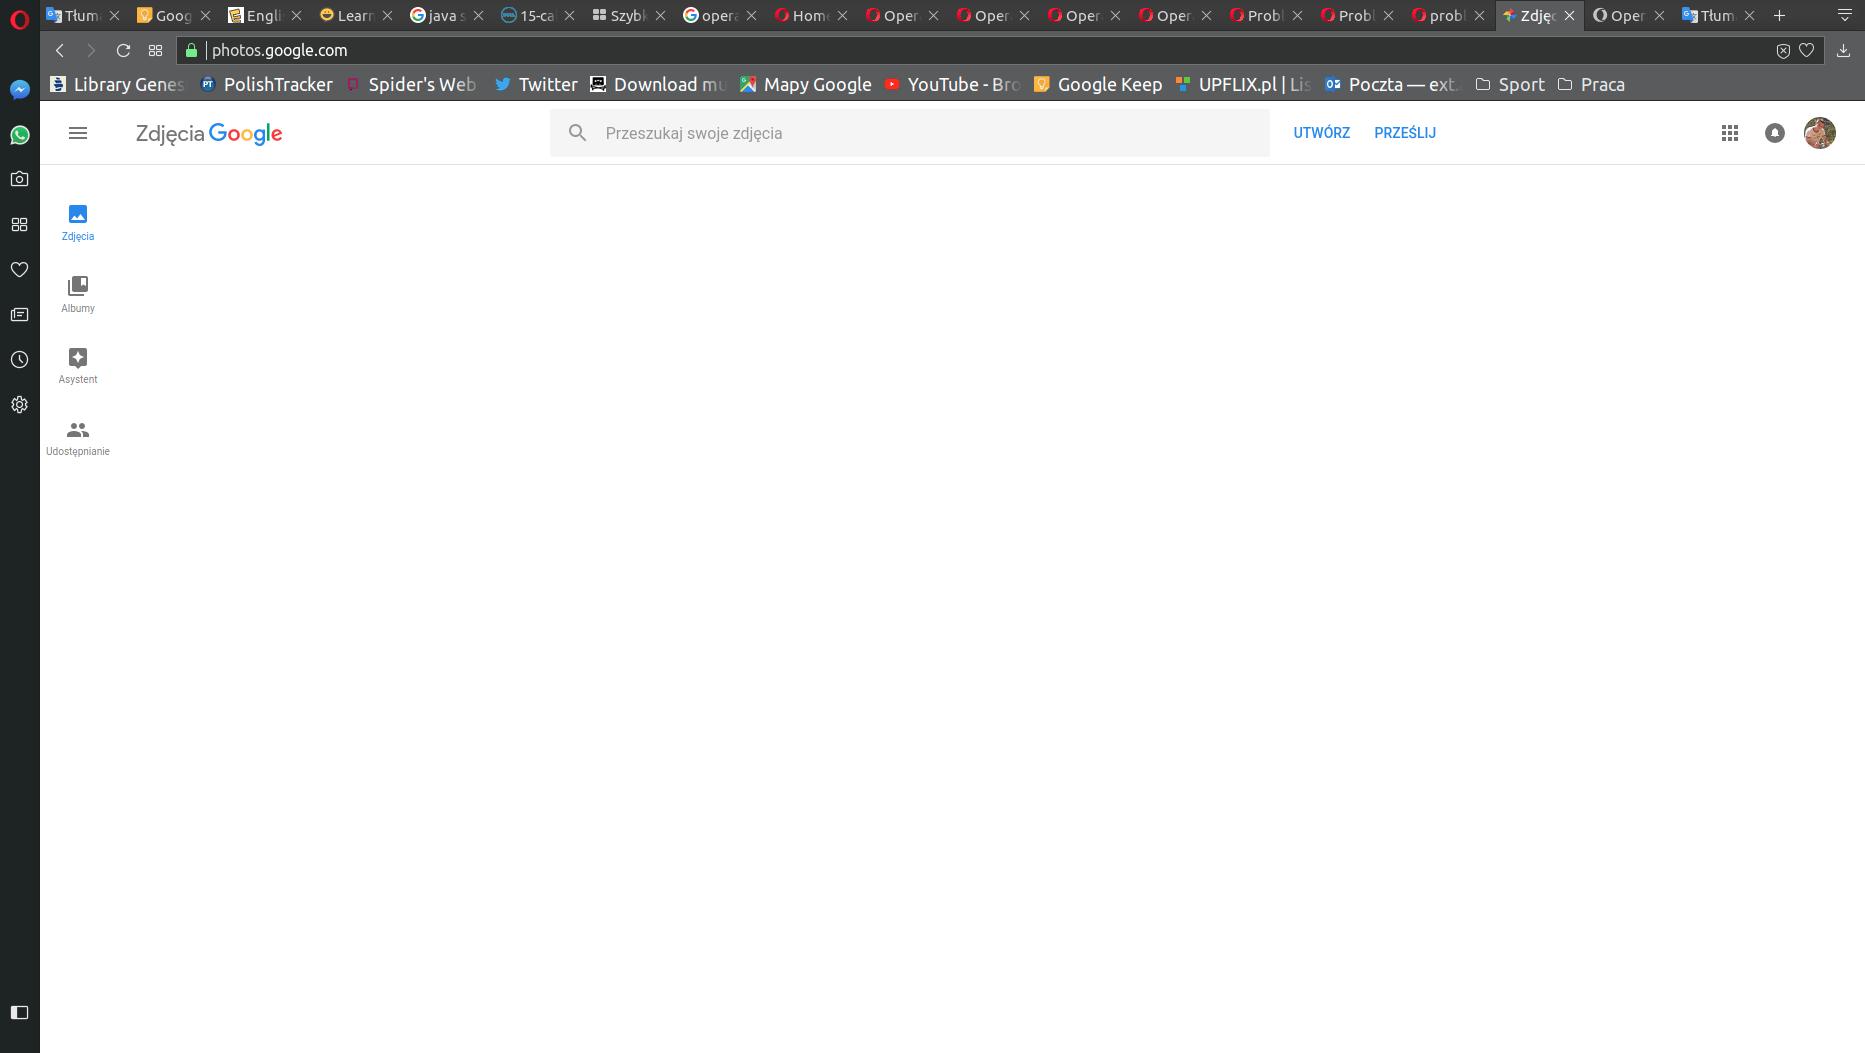 Opera 51 Google Photo not working | Opera forums